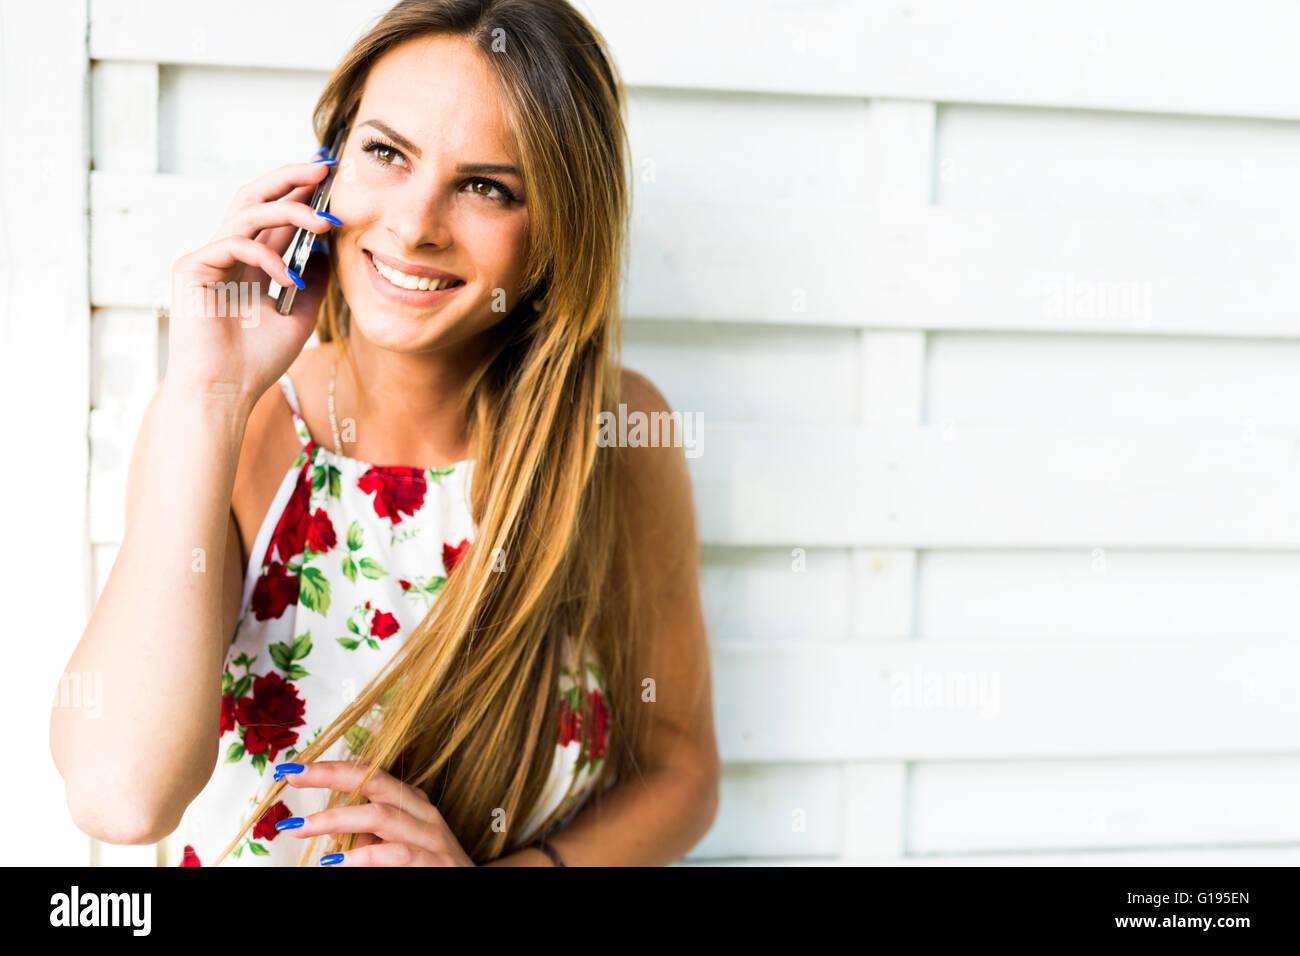 Schöne junge glücklich Frau lächelnd während eines Telefonats während an einer weißen Stockbild